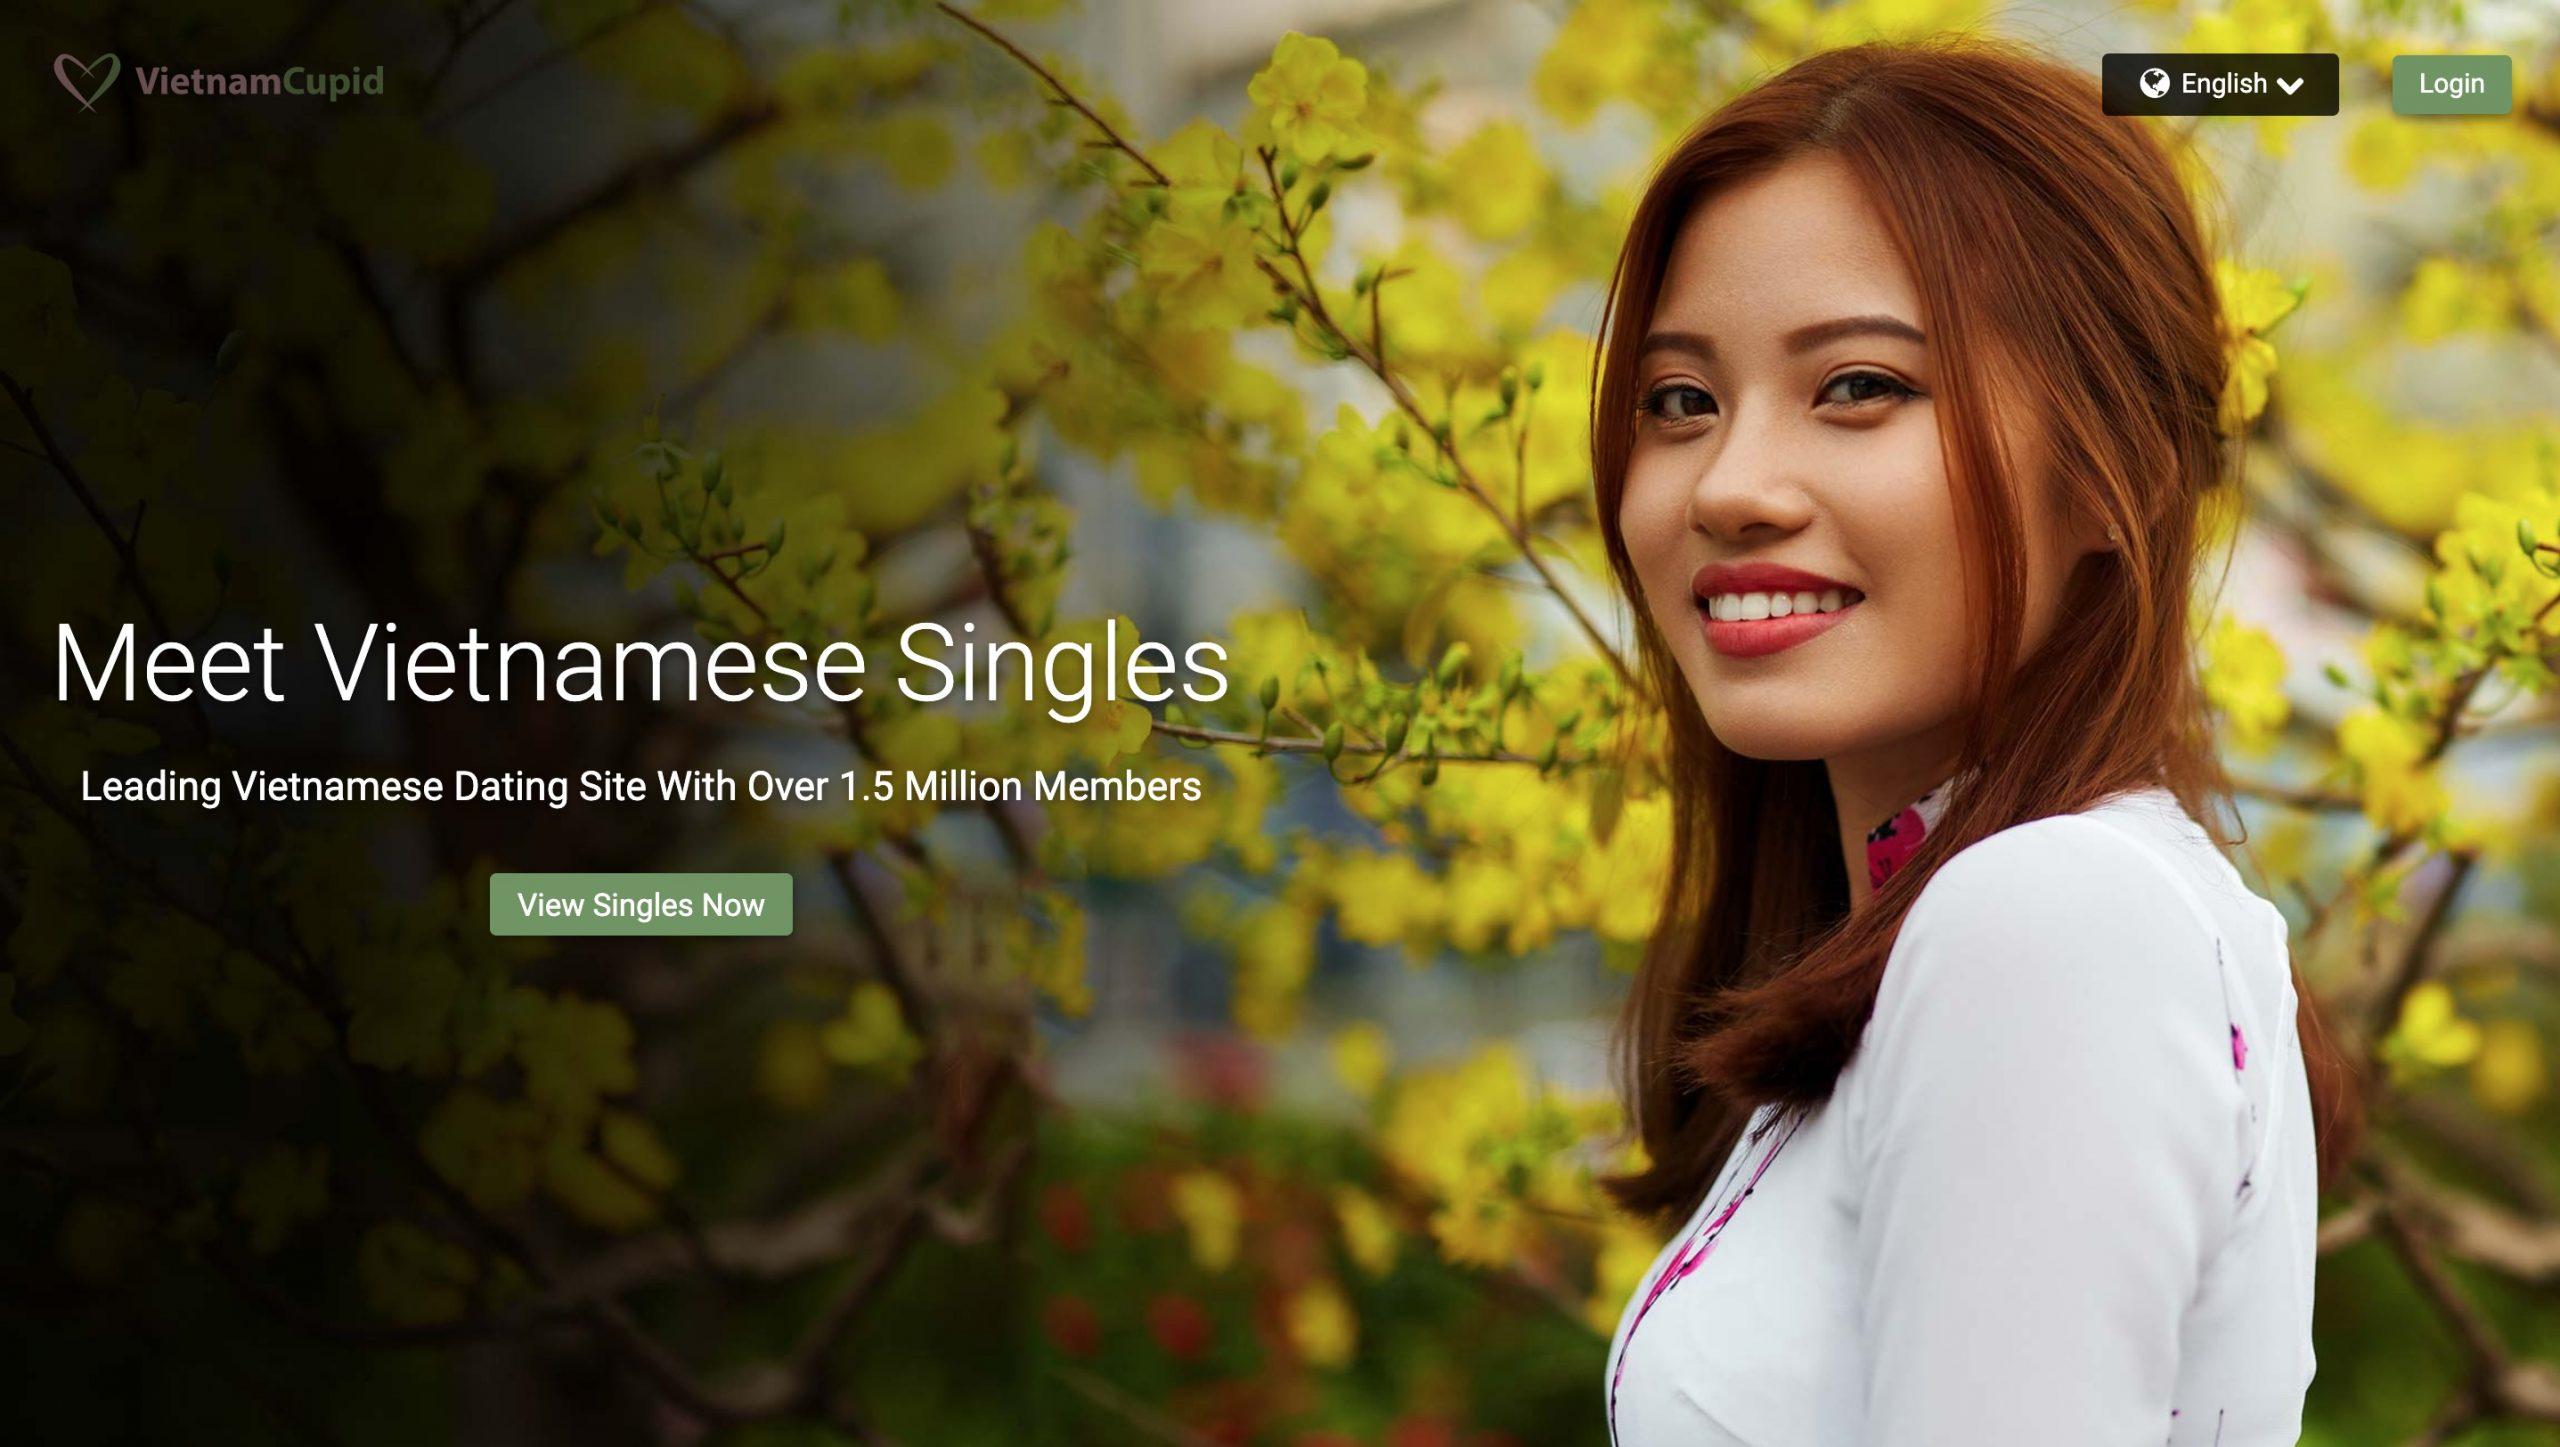 VietnamCupid maim page